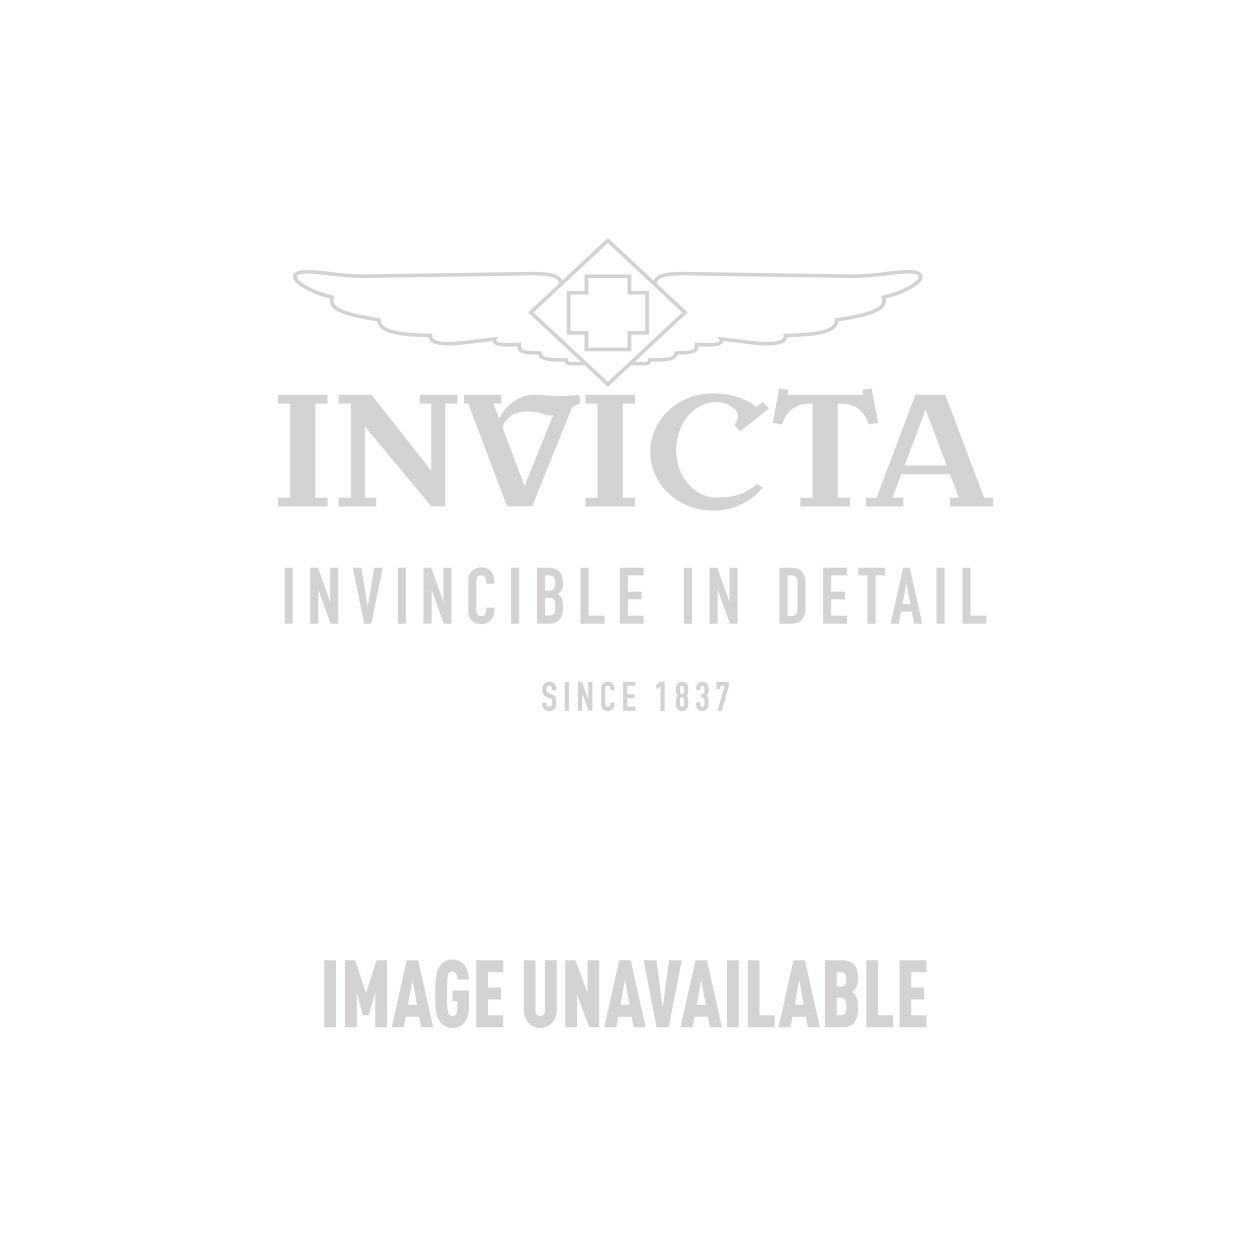 Invicta Model  26520